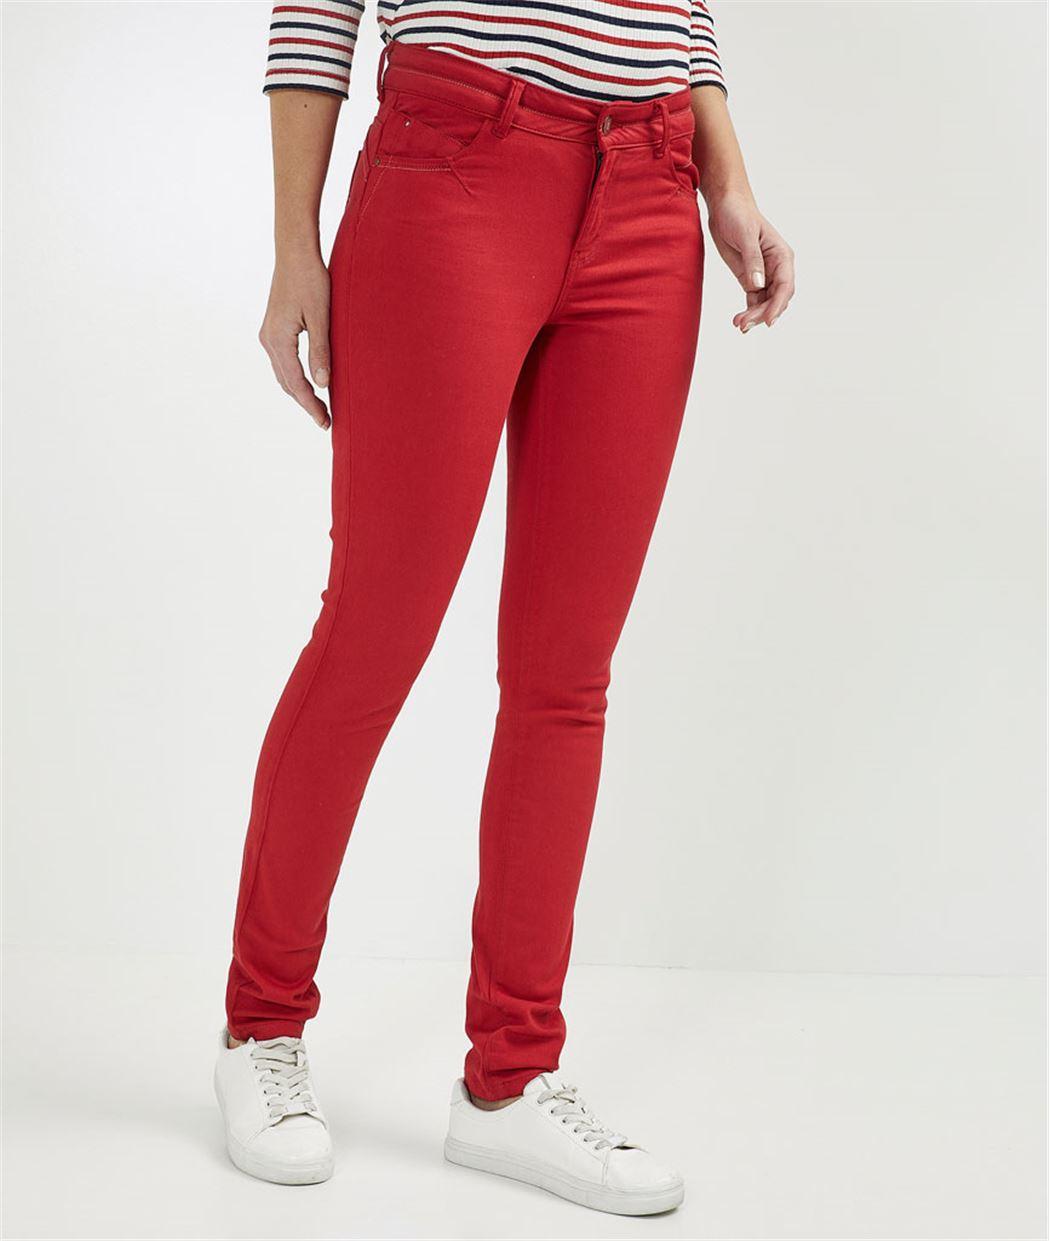 Pantalon femme slim push up couleur ROUGE - Grain de Malice 1f61a063e832